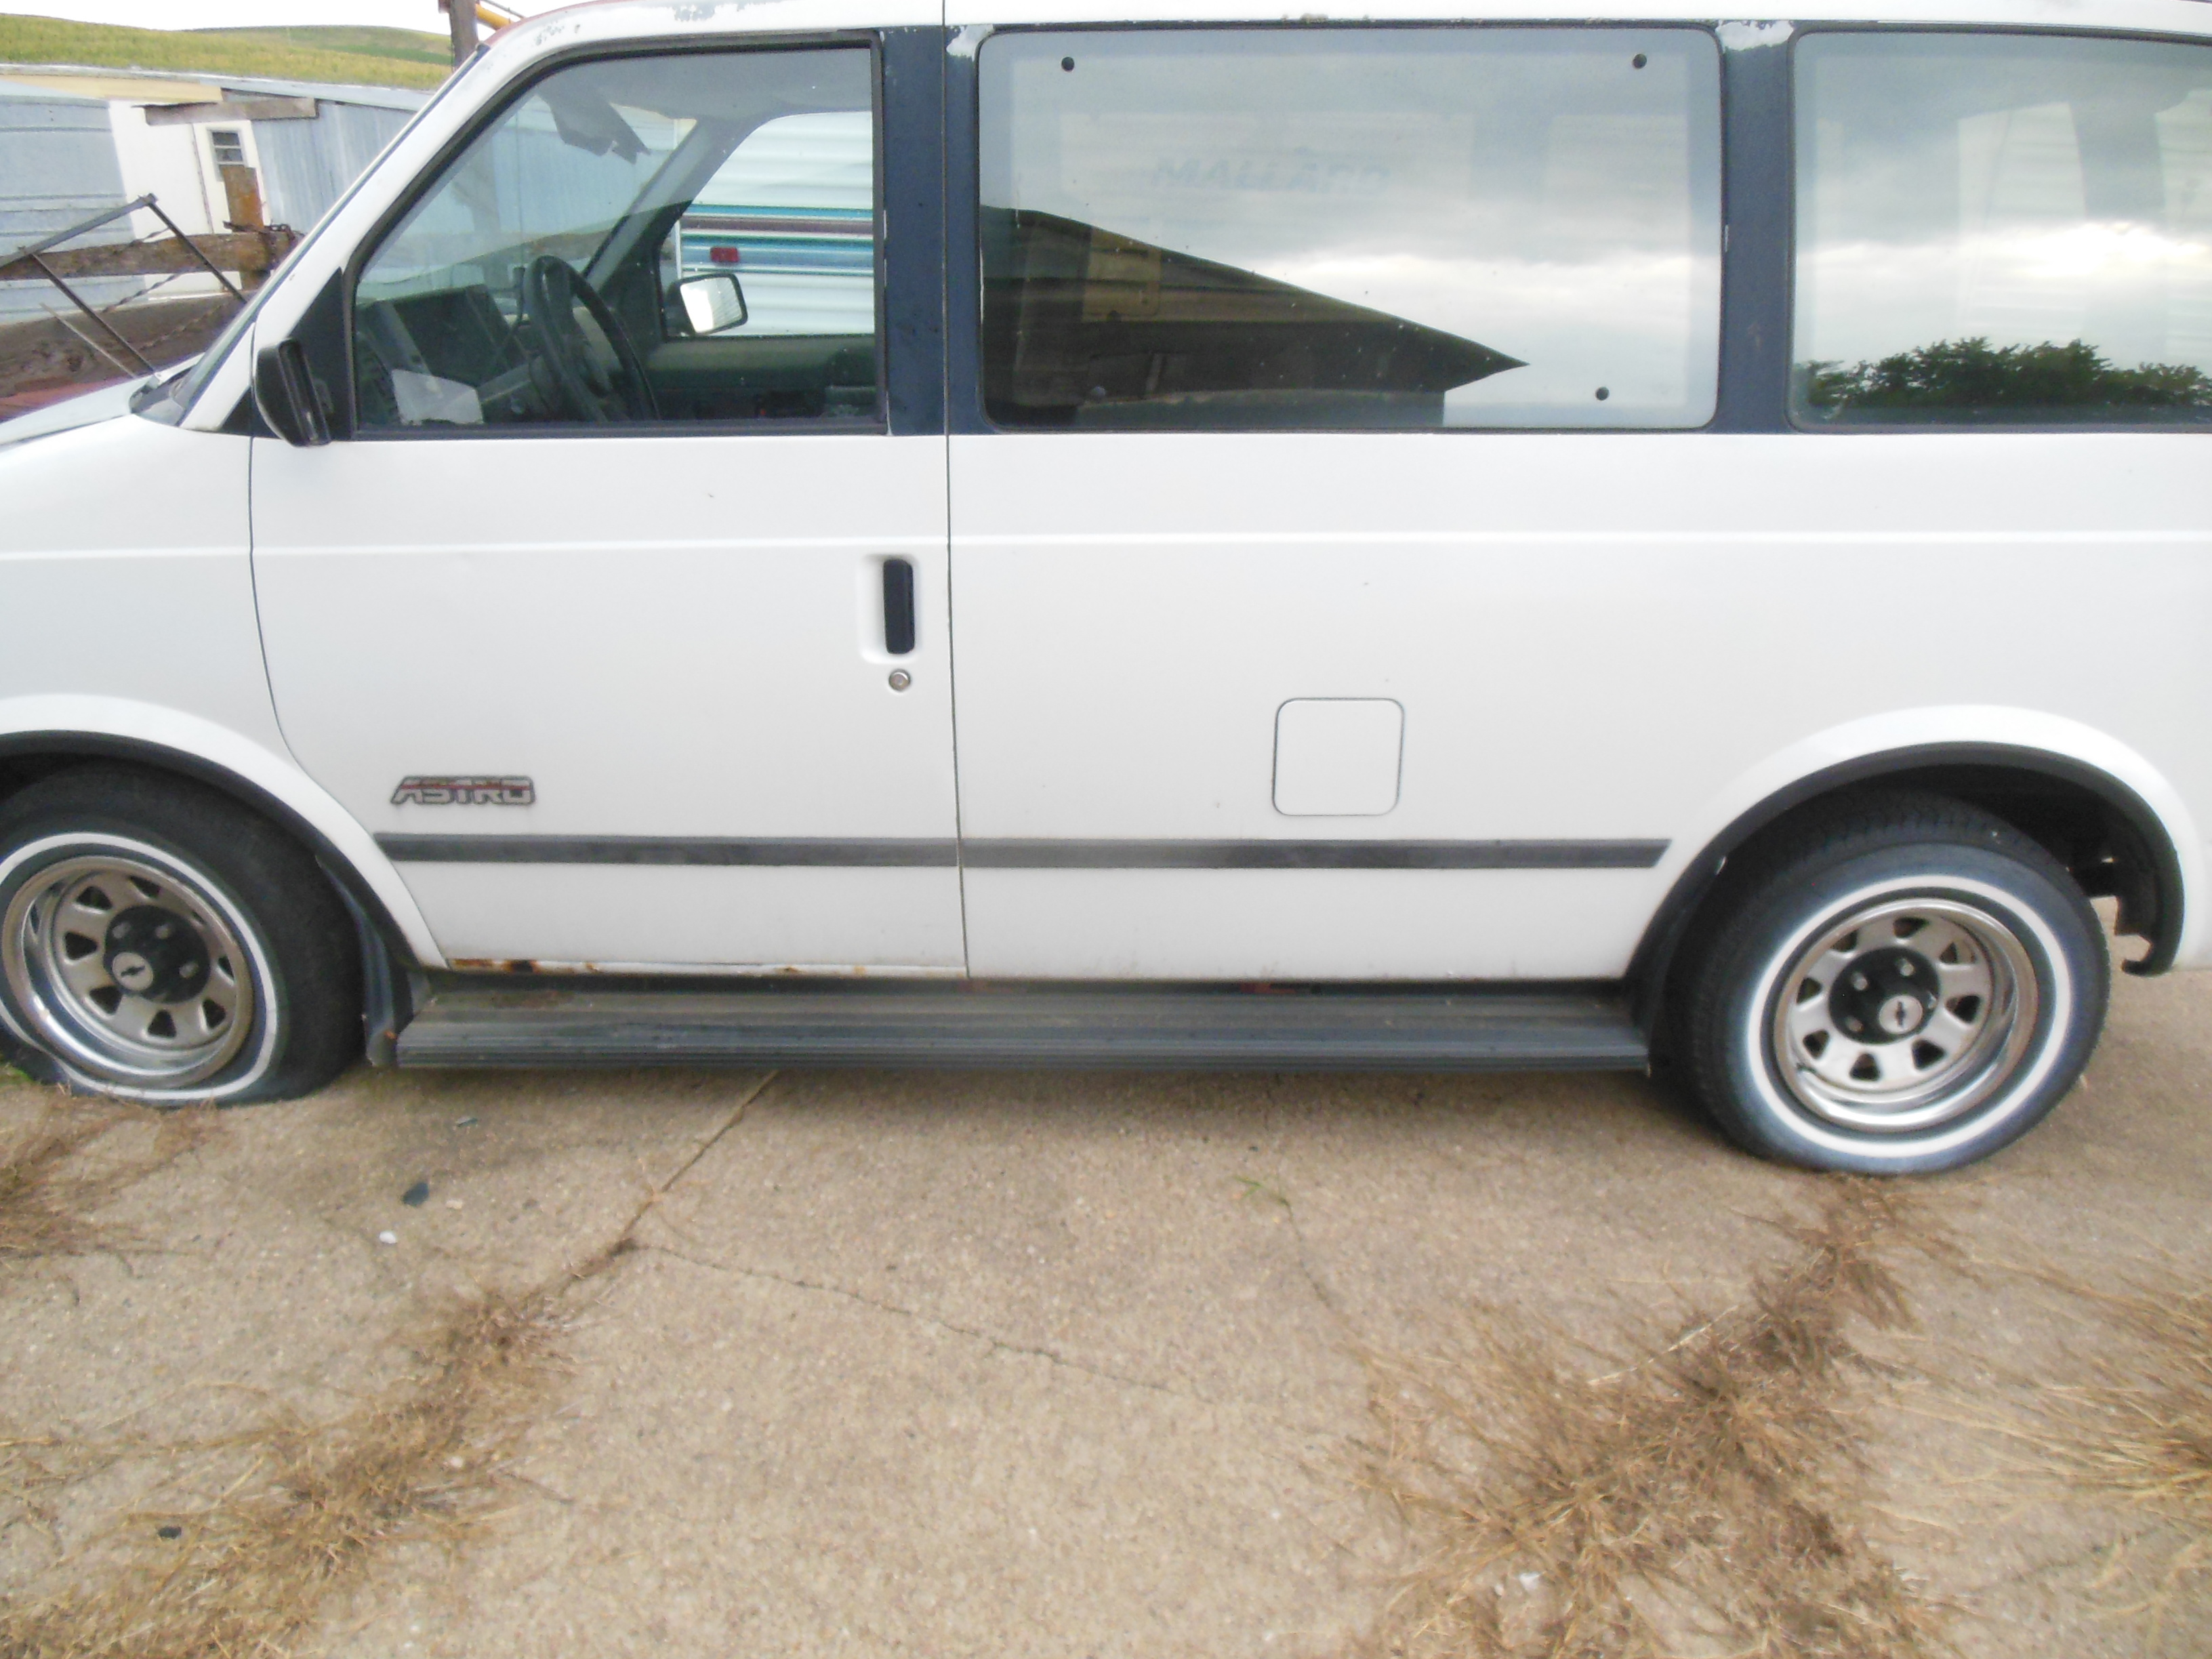 Salvage minivan